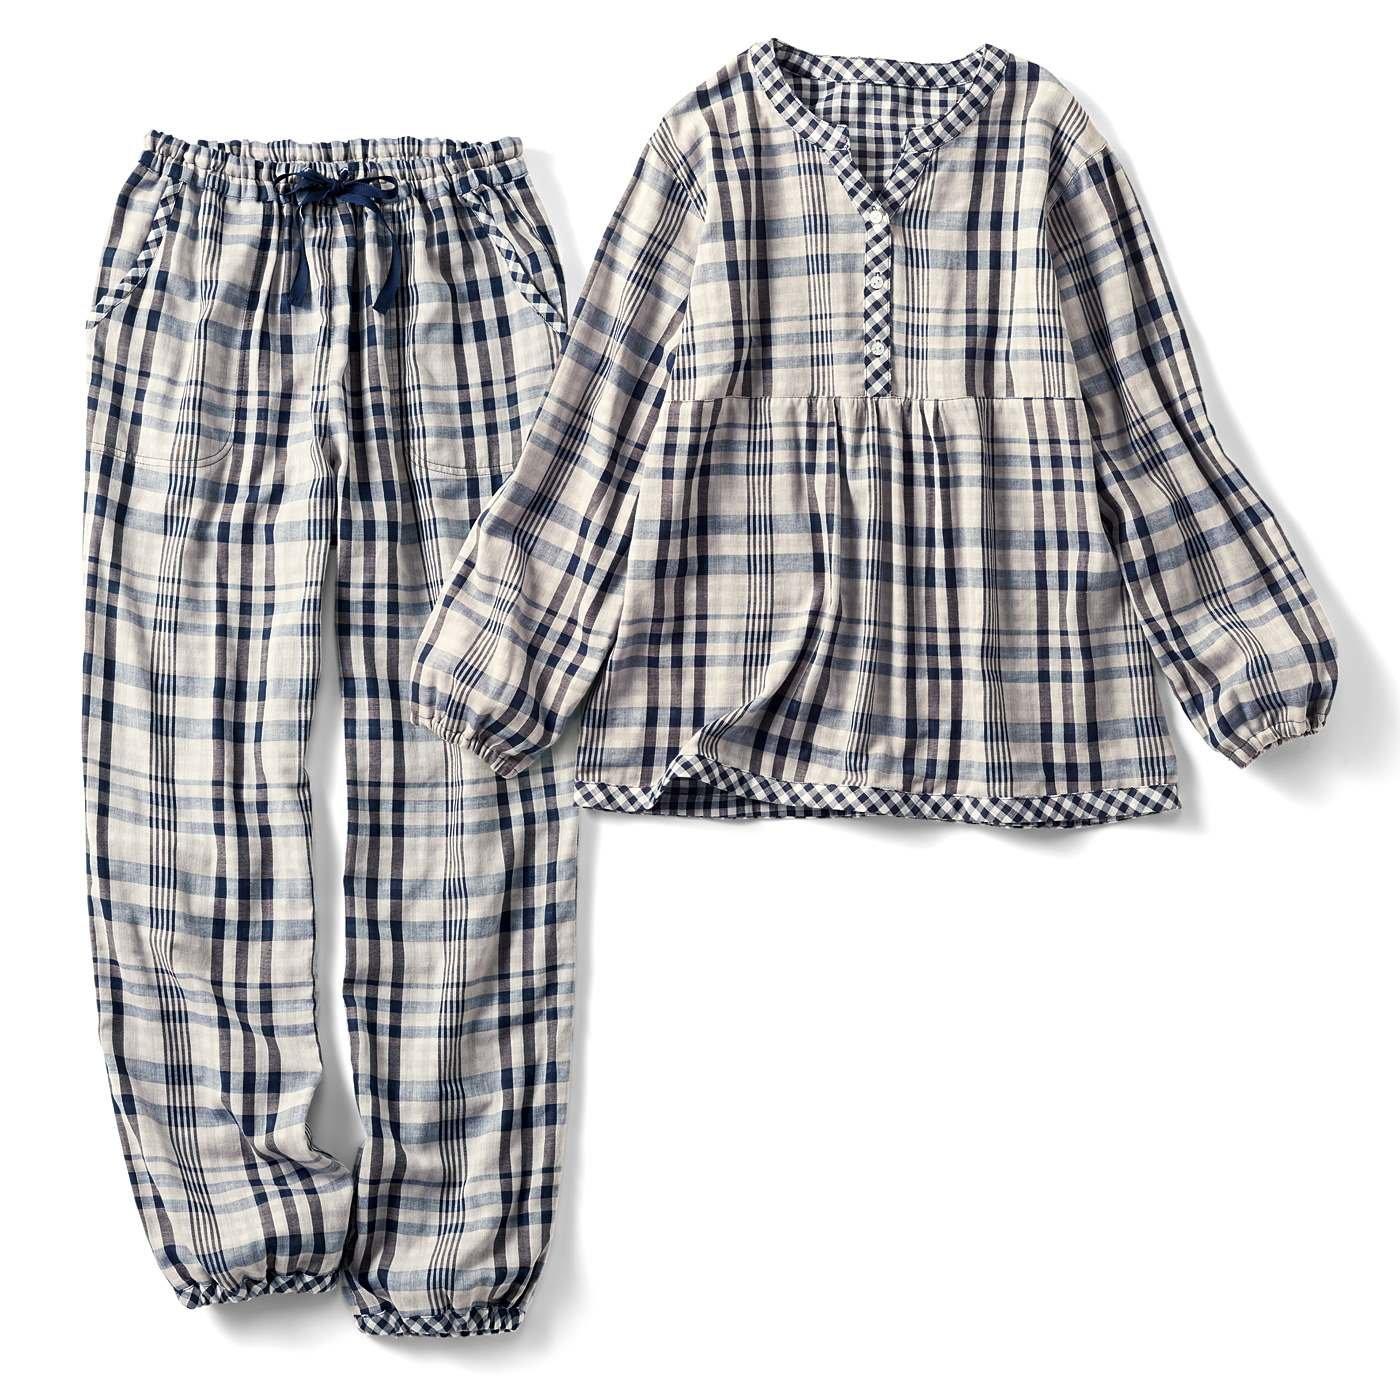 リブ イン コンフォート 寝ても覚めてもやっぱり着ていたいダブルガーゼパジャマの会